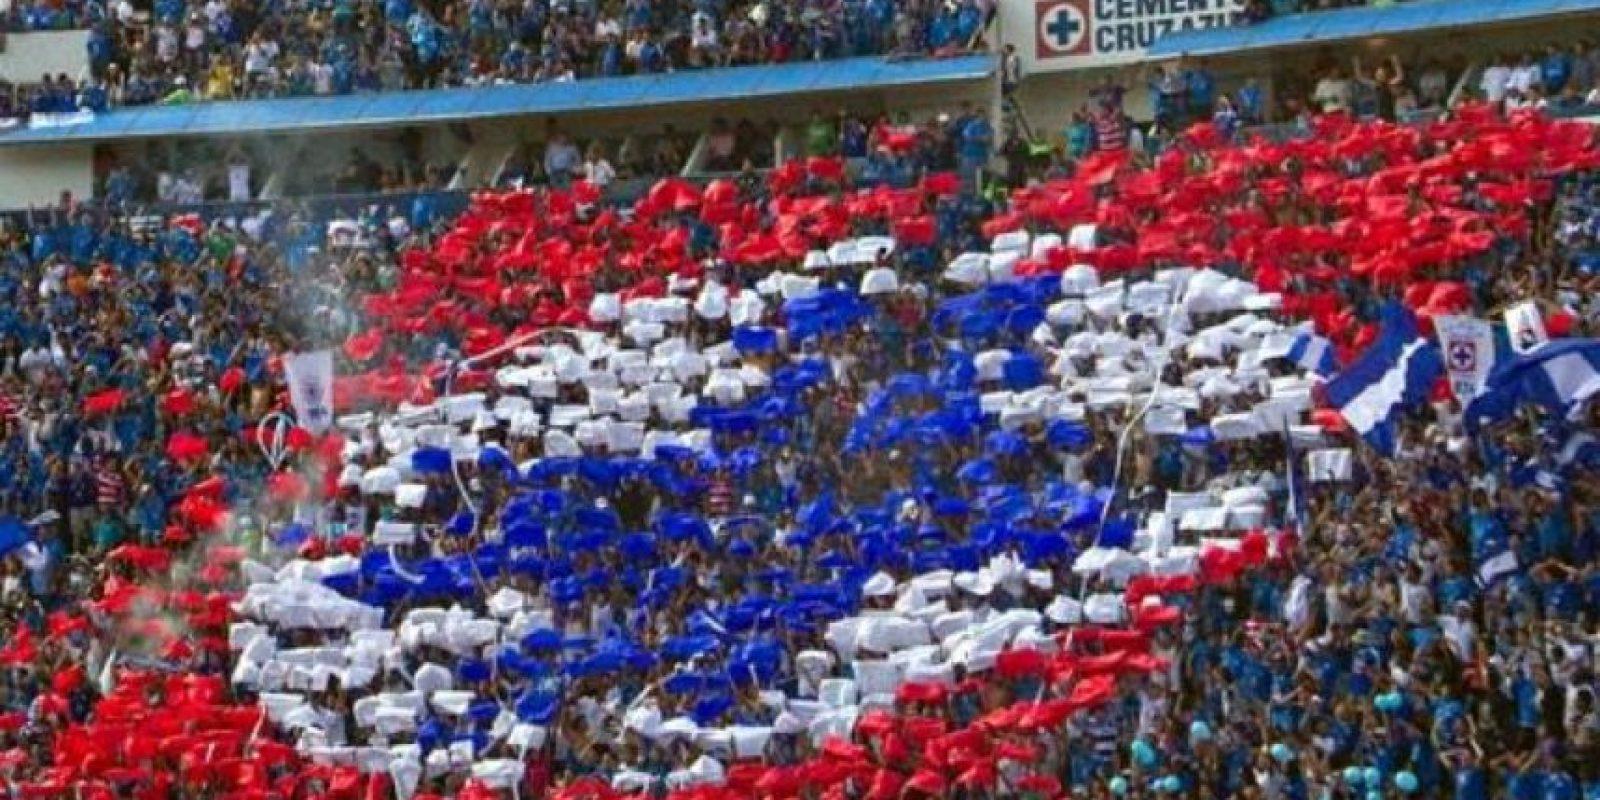 La Máquina debuta en el torneo que enfrenta a los monarcas de todas las confederaciones Foto:Twitter: @Cruz_Azul_FC